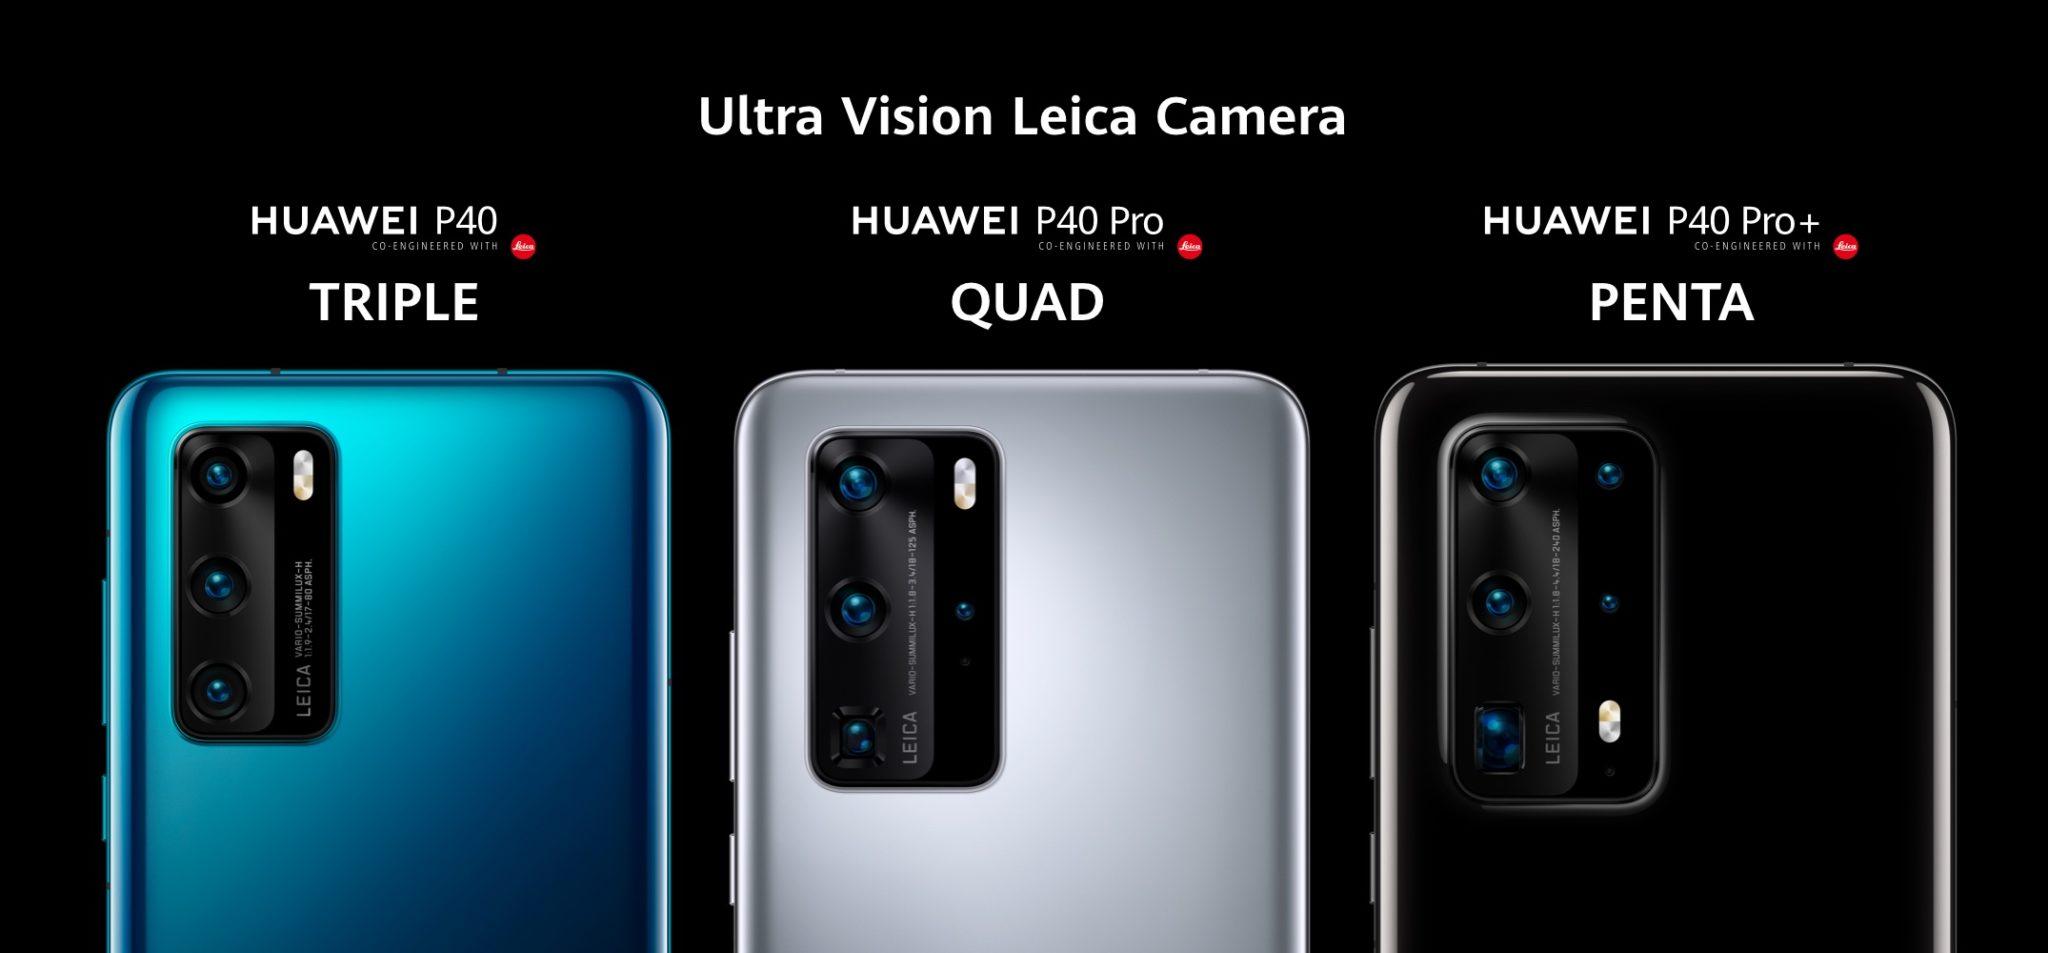 Huawei P40 Pro O Que Dizem Os Primeiros Reviews Do Celular Sem Google Tecmundo